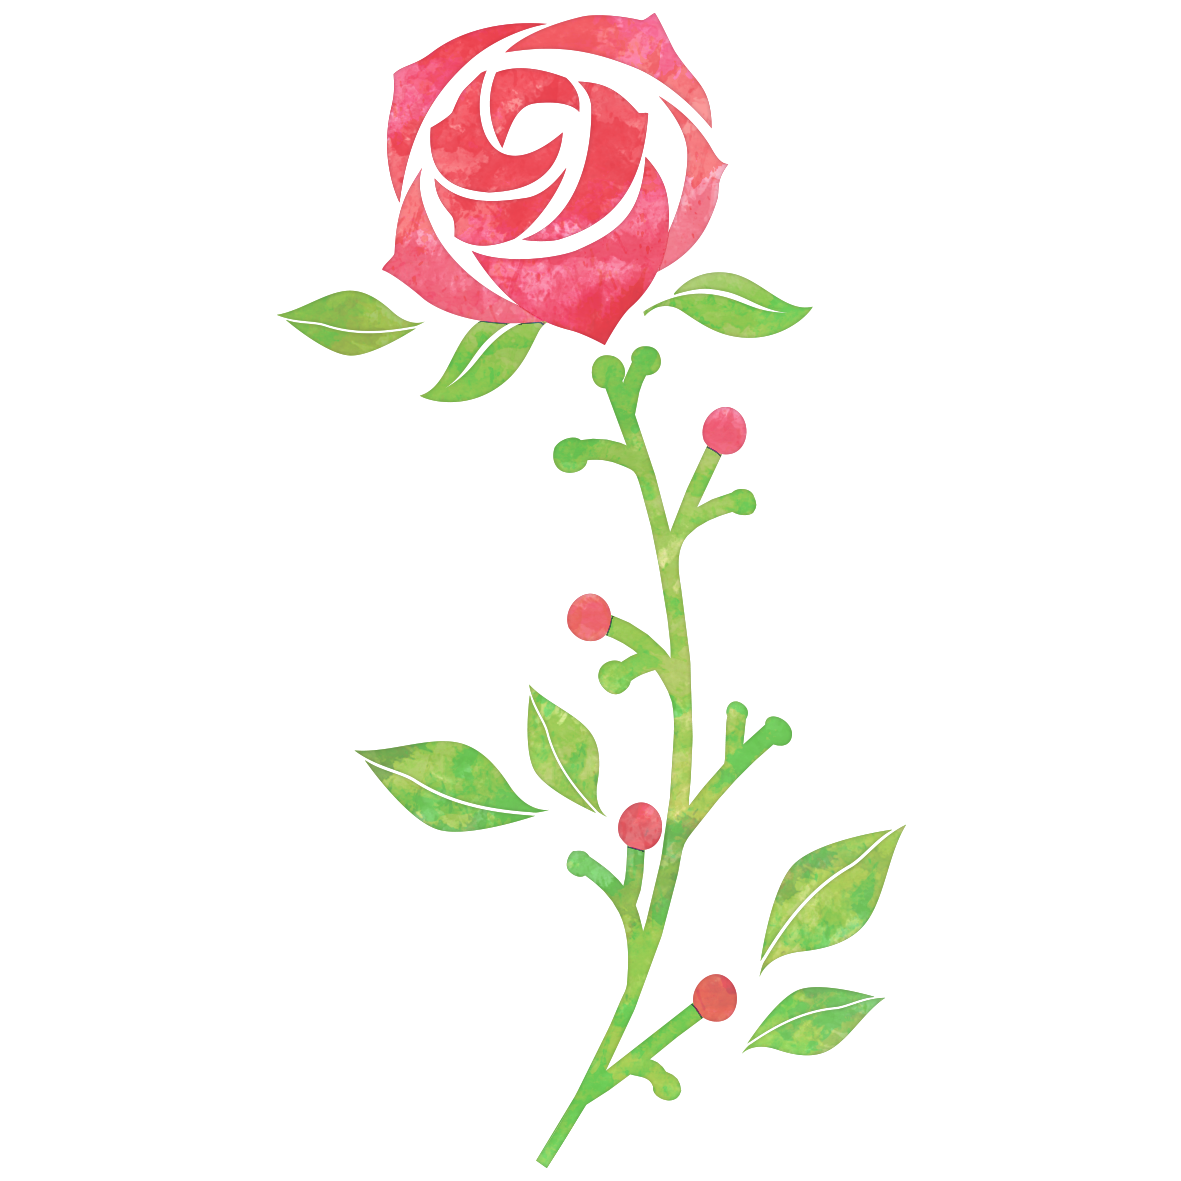 花」のイラスト一覧 - 無料イラスト愛